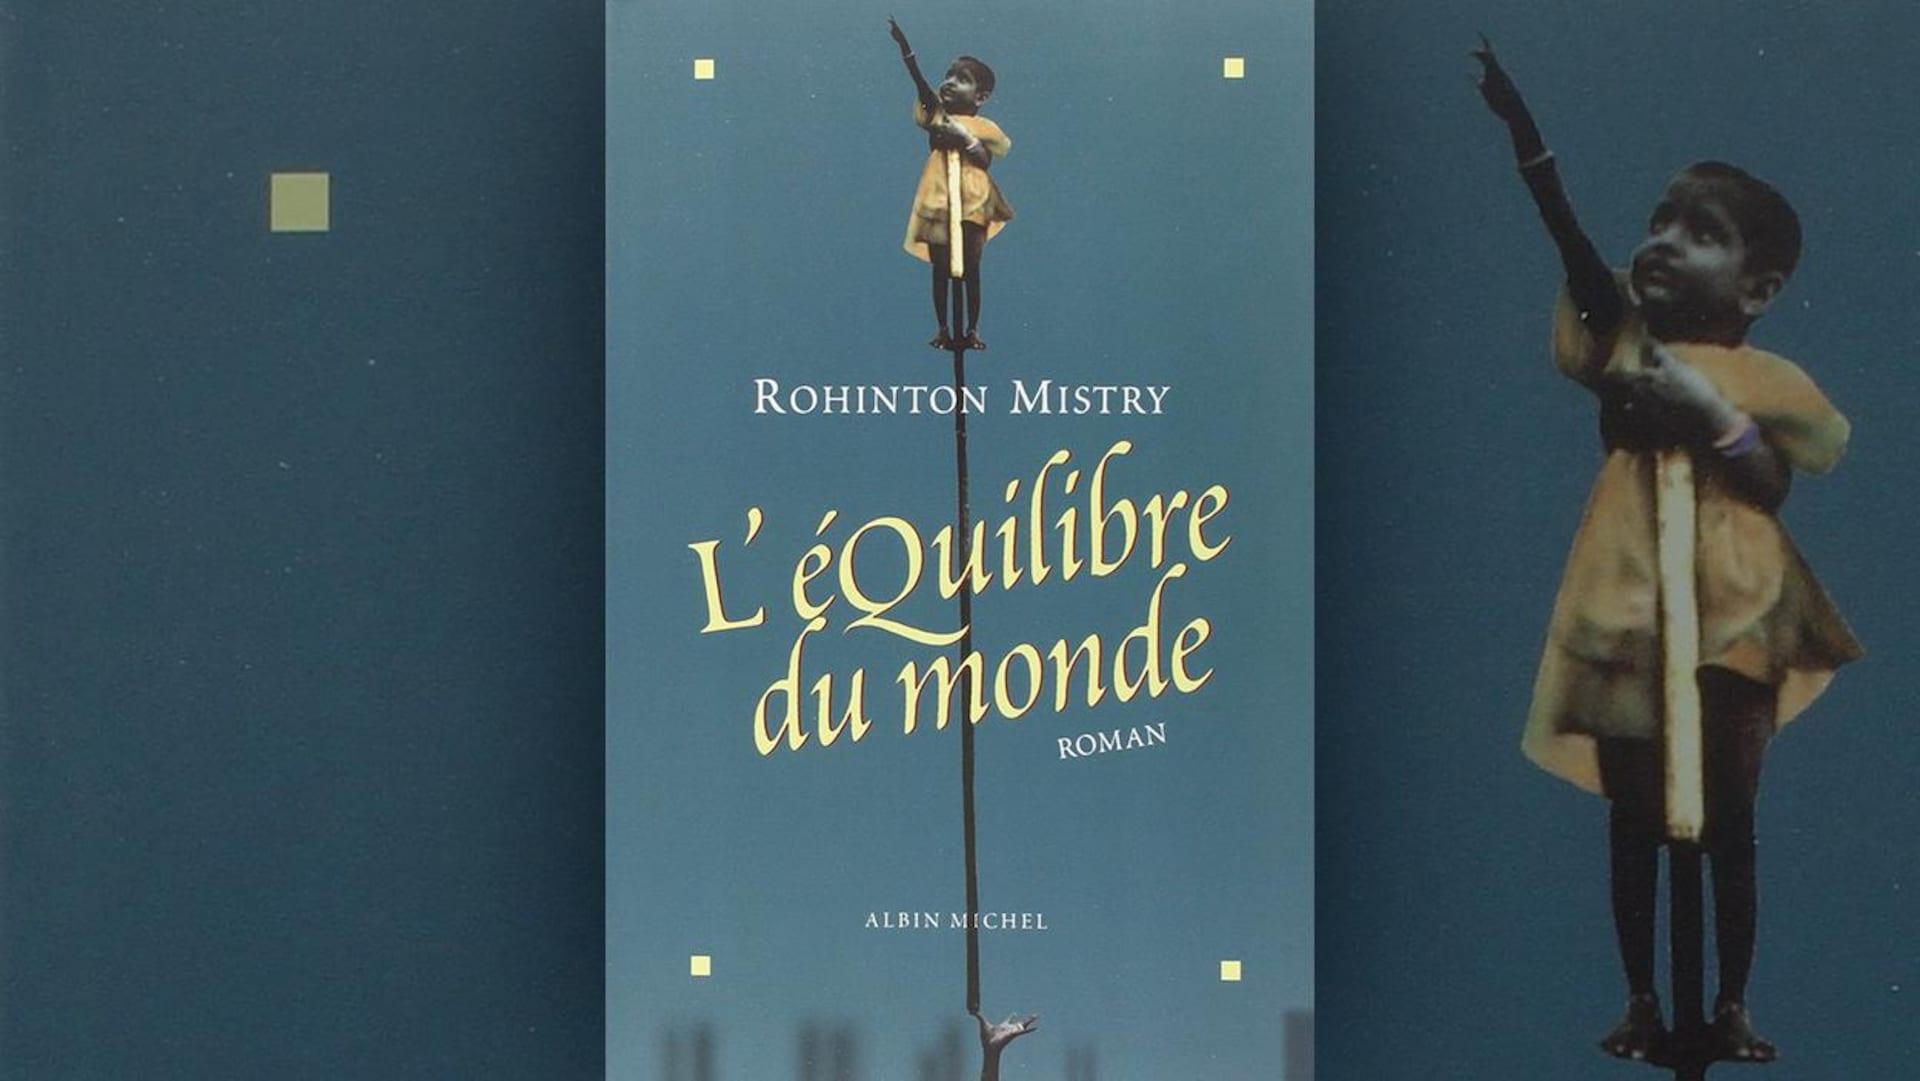 La couverture du livre  L'équilibre du monde  de Rohinton Mistry représente un jeune enfant en équilibre sur une perche qui pointe le ciel.